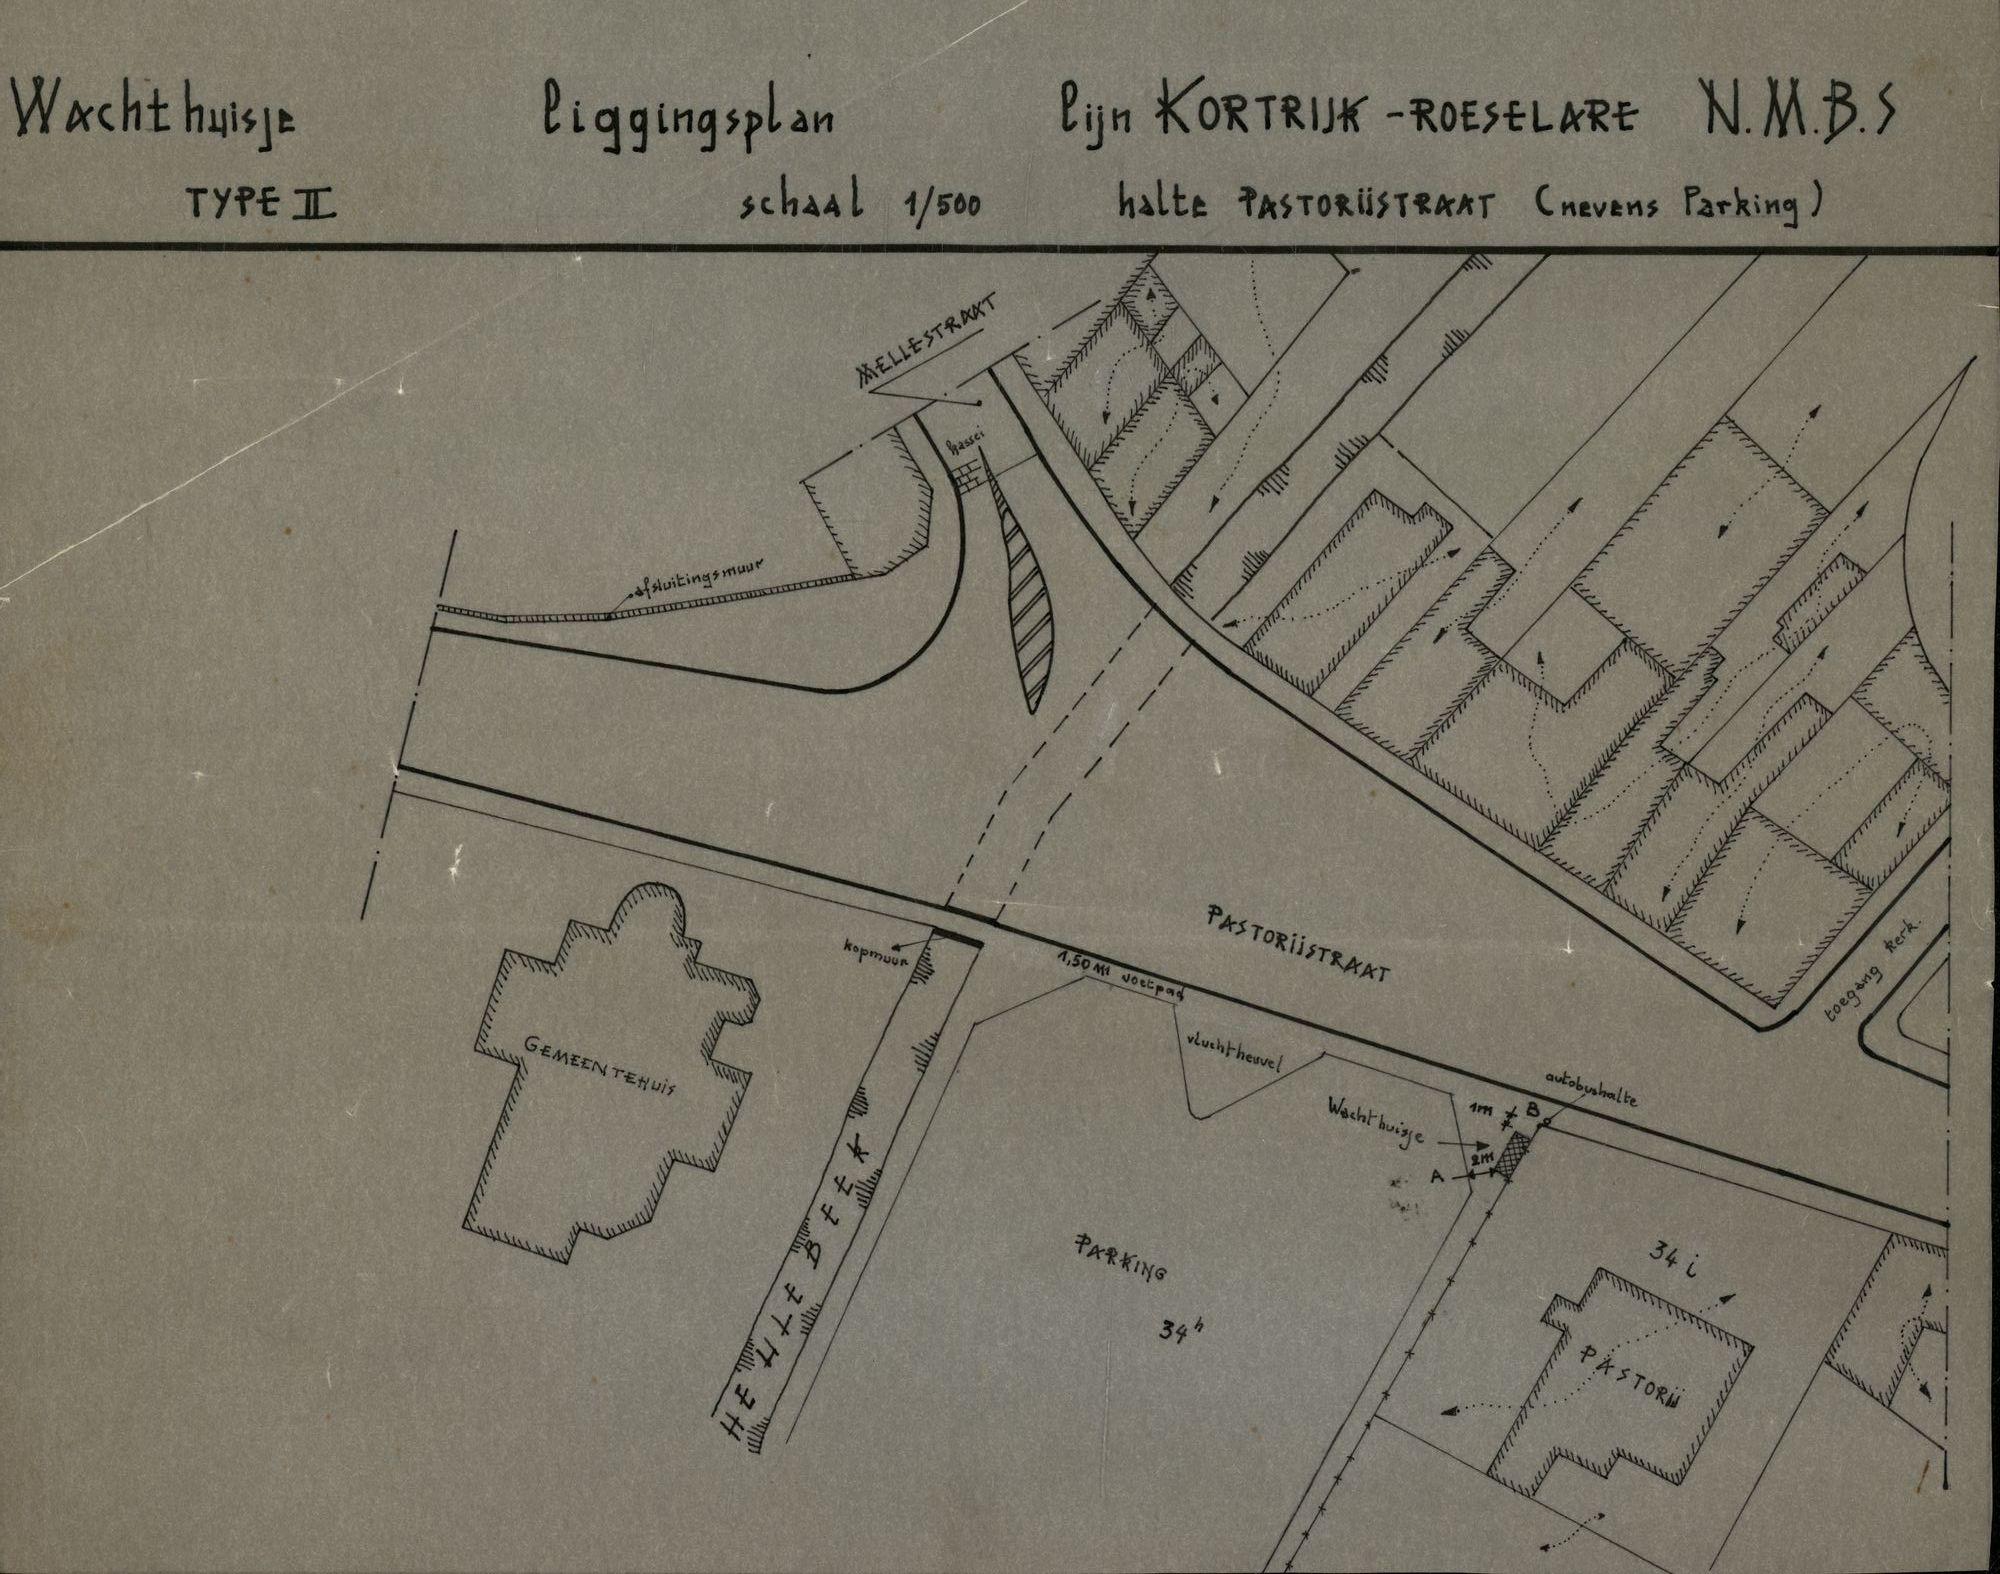 Plan van de bushalte Pastorijstraat op de lijn Kortrijk-Roeselare te Heule, 2de helft 20ste eeuw